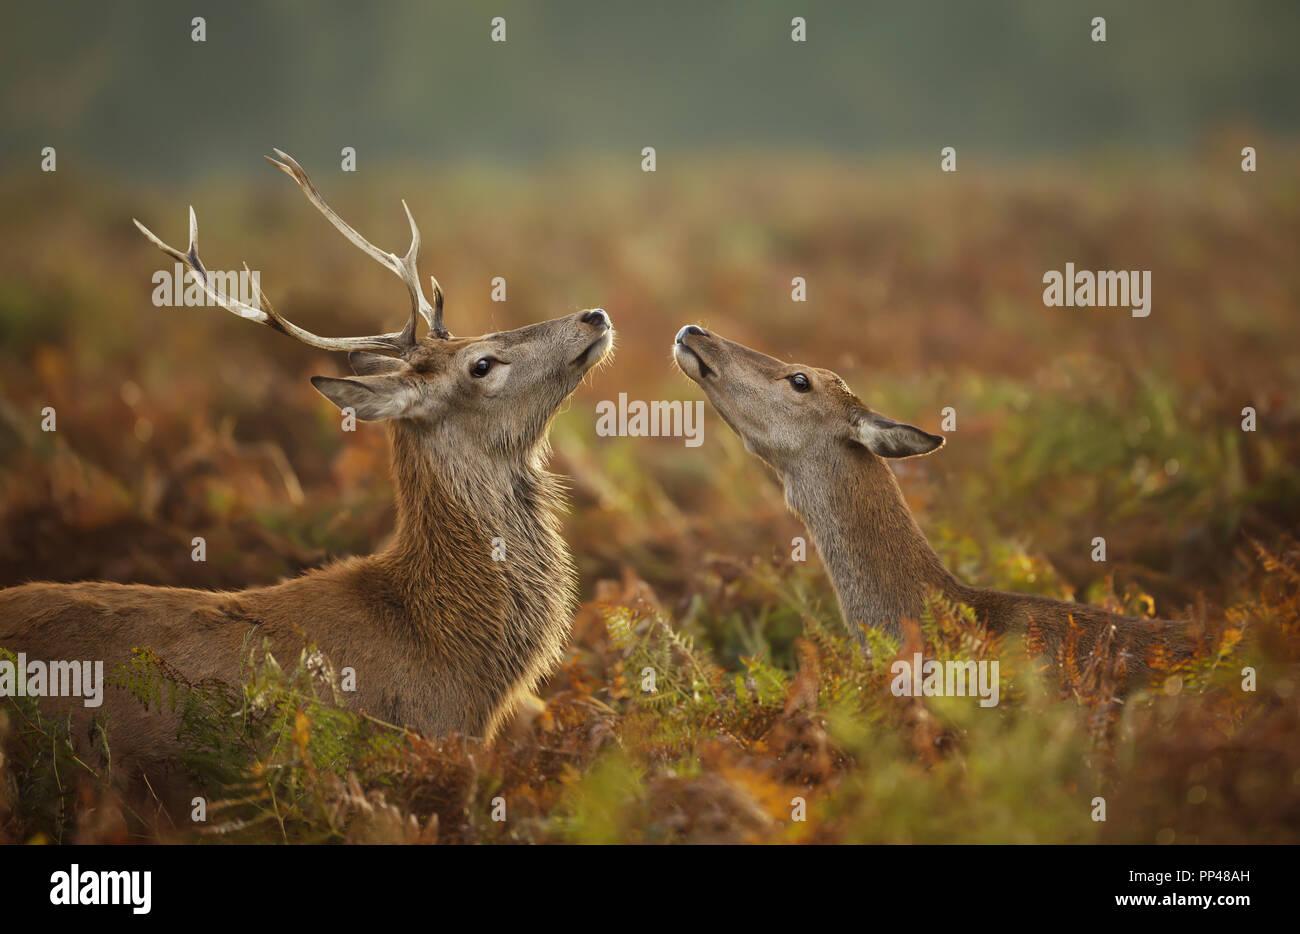 Cierre de un ciervo ciervo con un hind durante la temporada de celo, otoño en el Reino Unido. Imagen De Stock